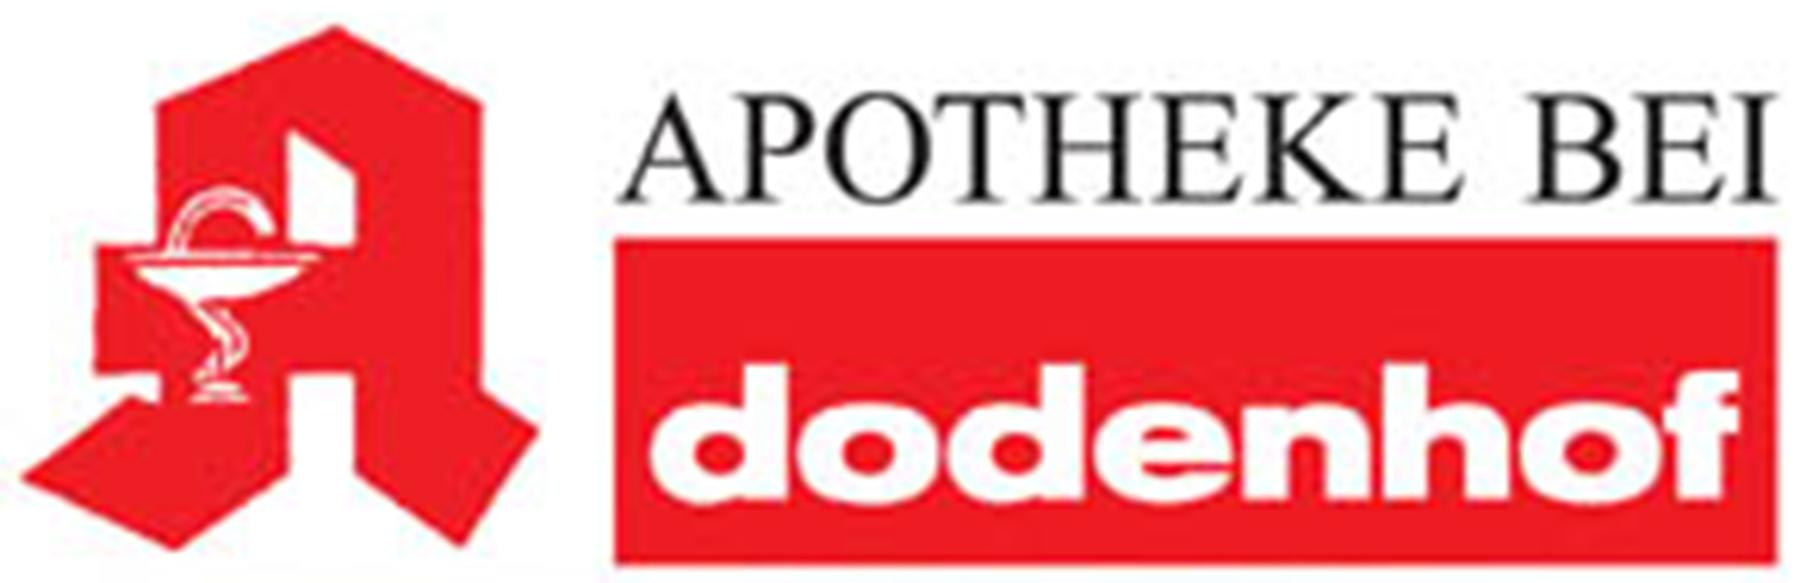 Logo der Apotheke bei Dodenhof